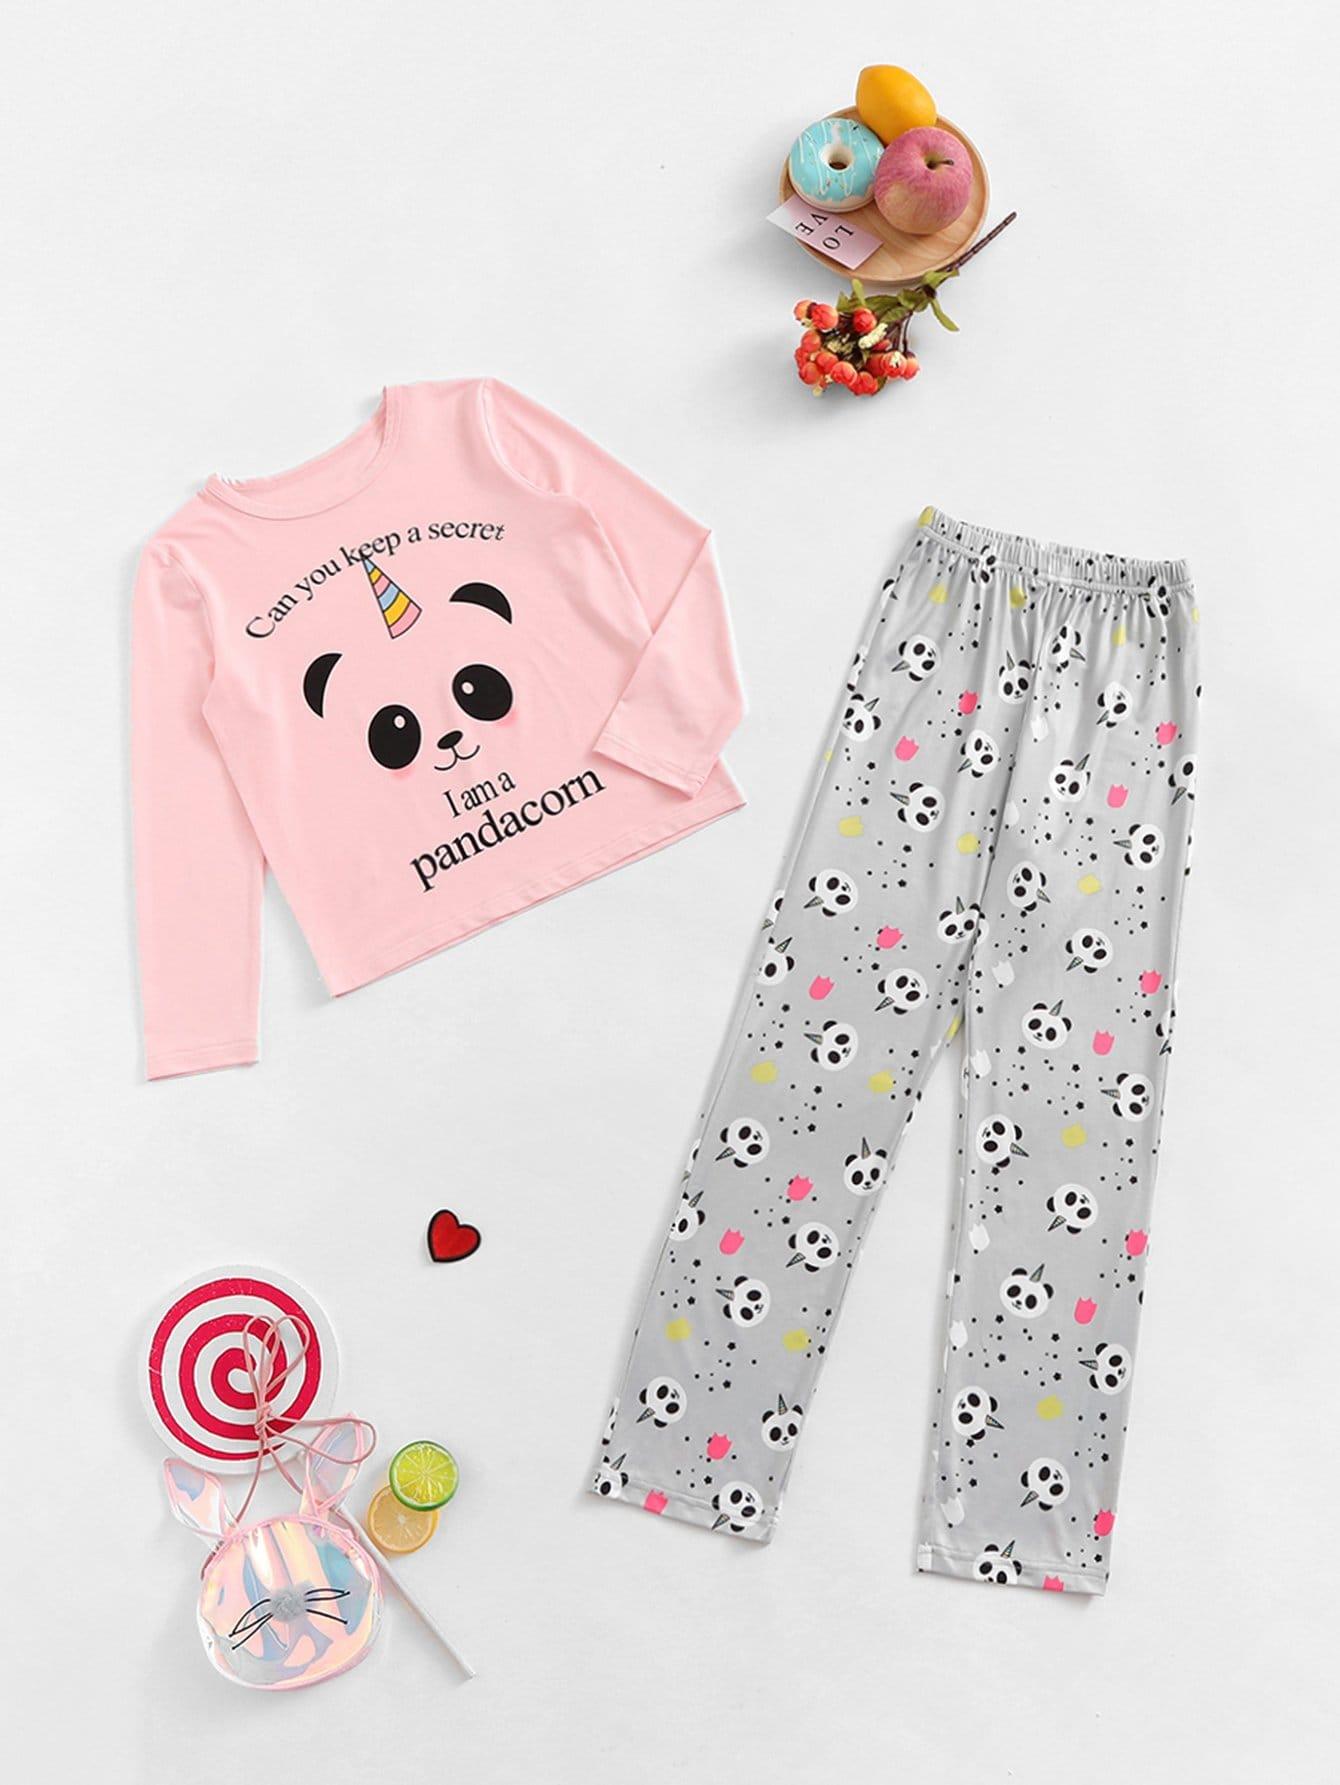 Комплект пижамы с принтом панды и букв для девочек от SheIn